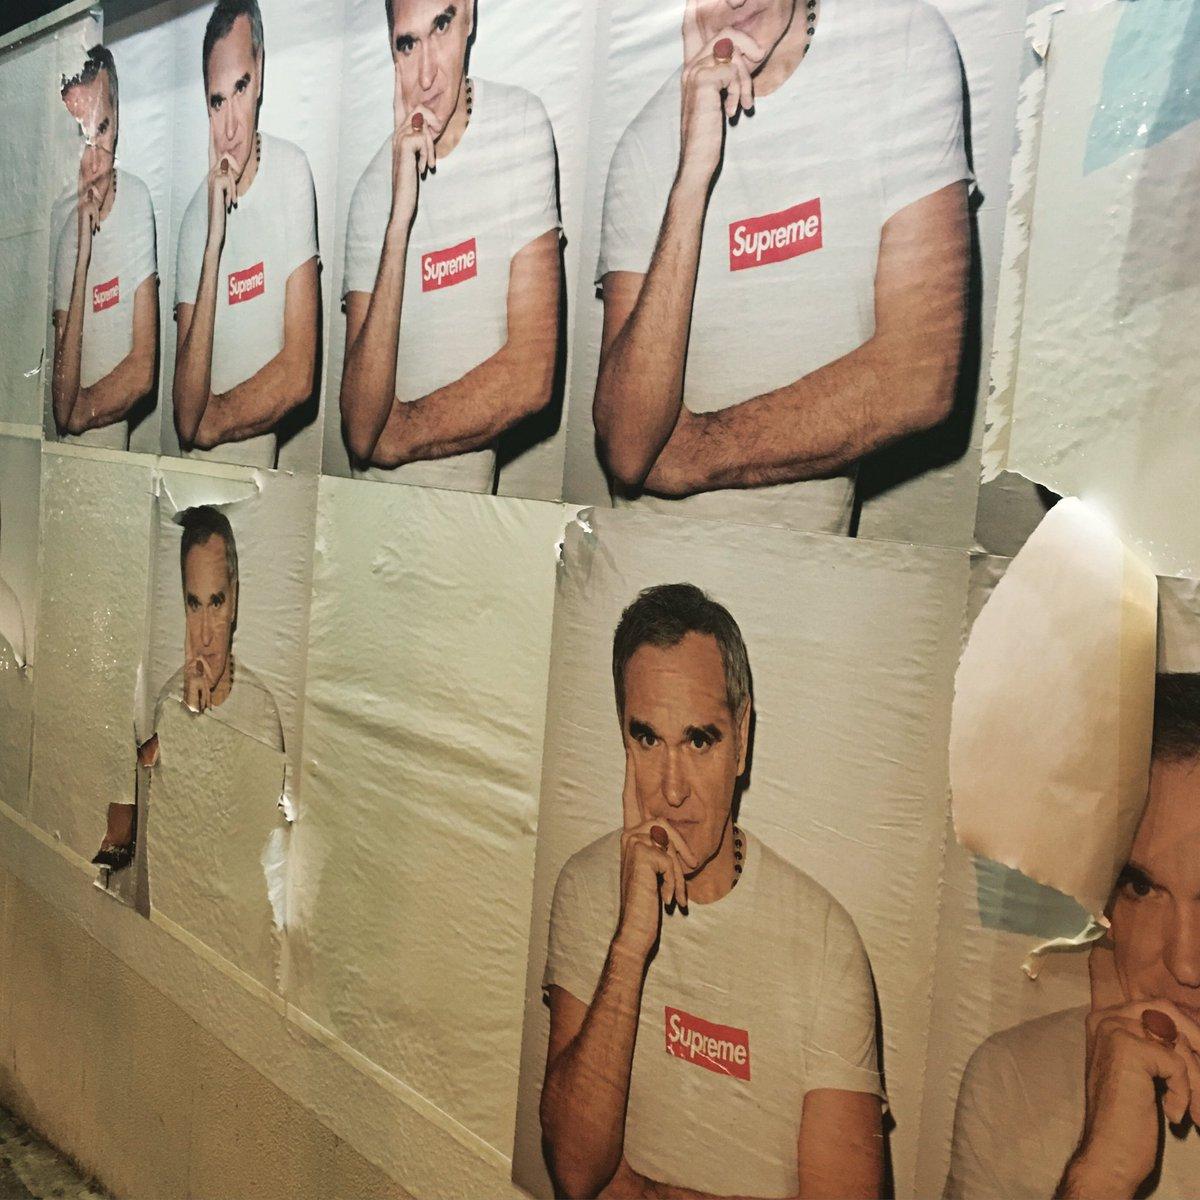 ご同輩のみなさん、もうお気付きかもしれませんが、今季のSupremeはモリッシーっすよー。何はともあれ、2016年にもなって東京の街角にモリッシーのポスターが貼られまくられてるってコトが笑える。 #suprememorrissey https://t.co/UpEbk0bwkv